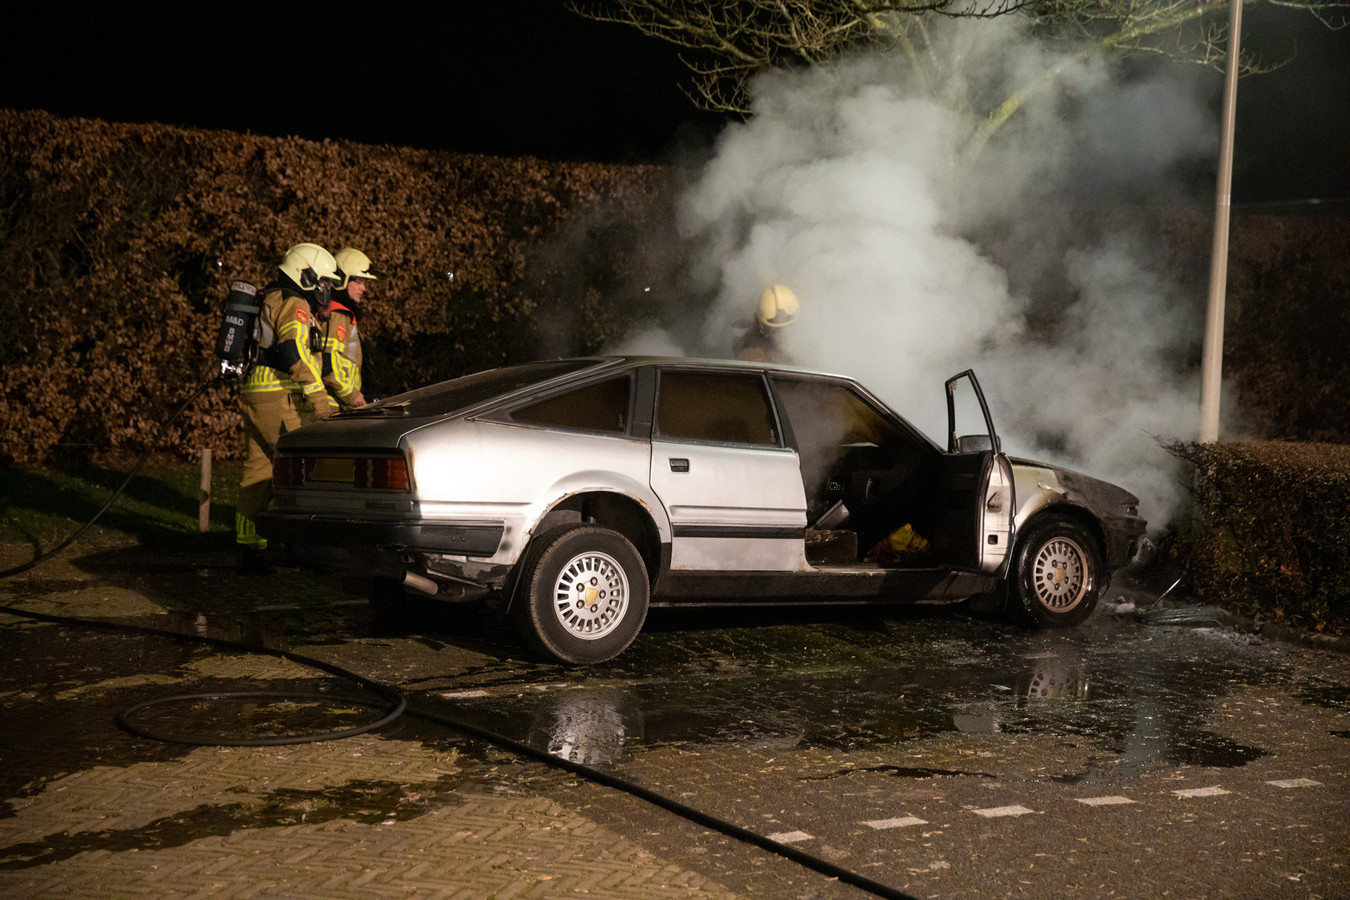 De brandweer blust de autobrand.